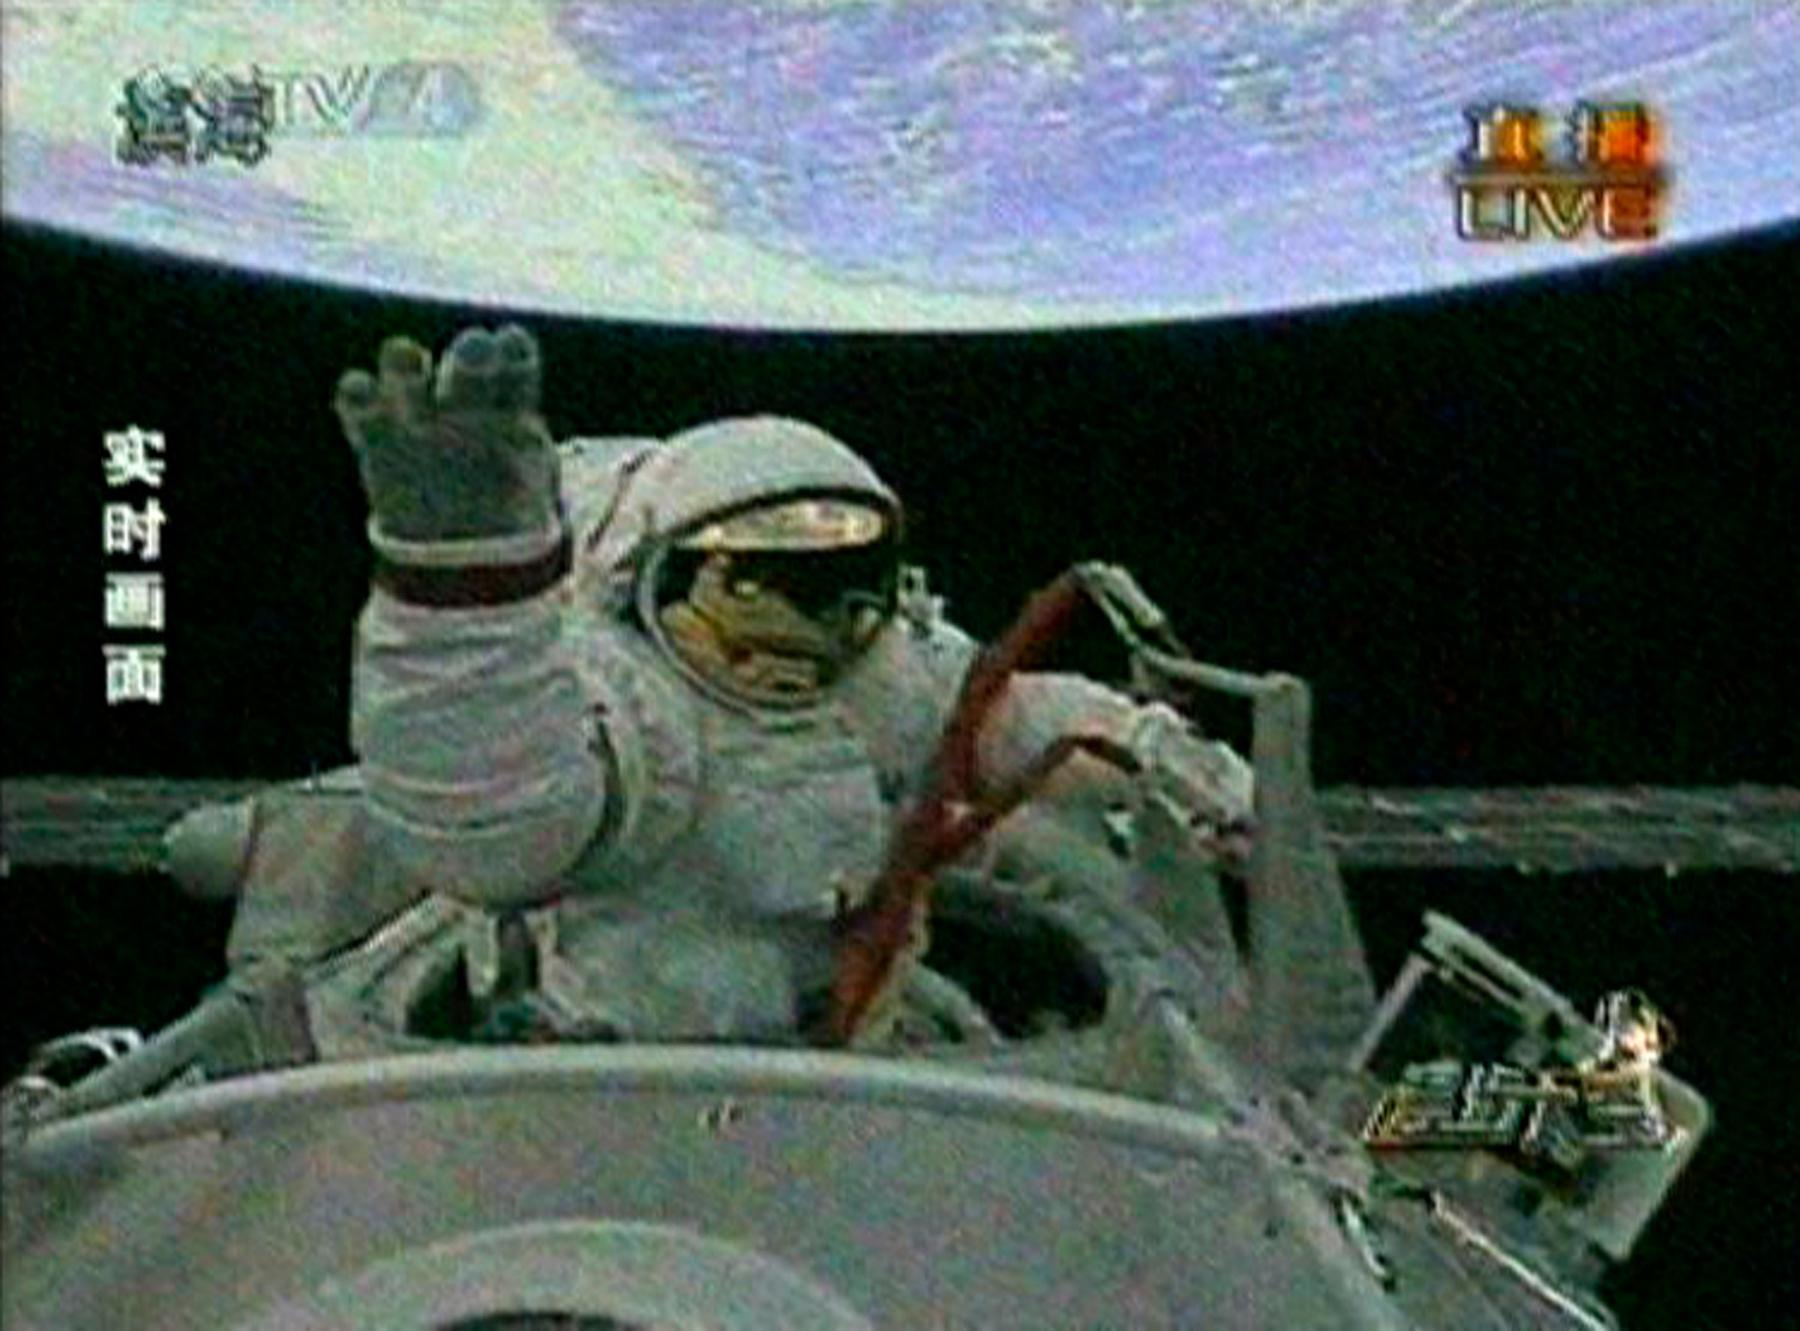 Astronaut Zhai Zhigang